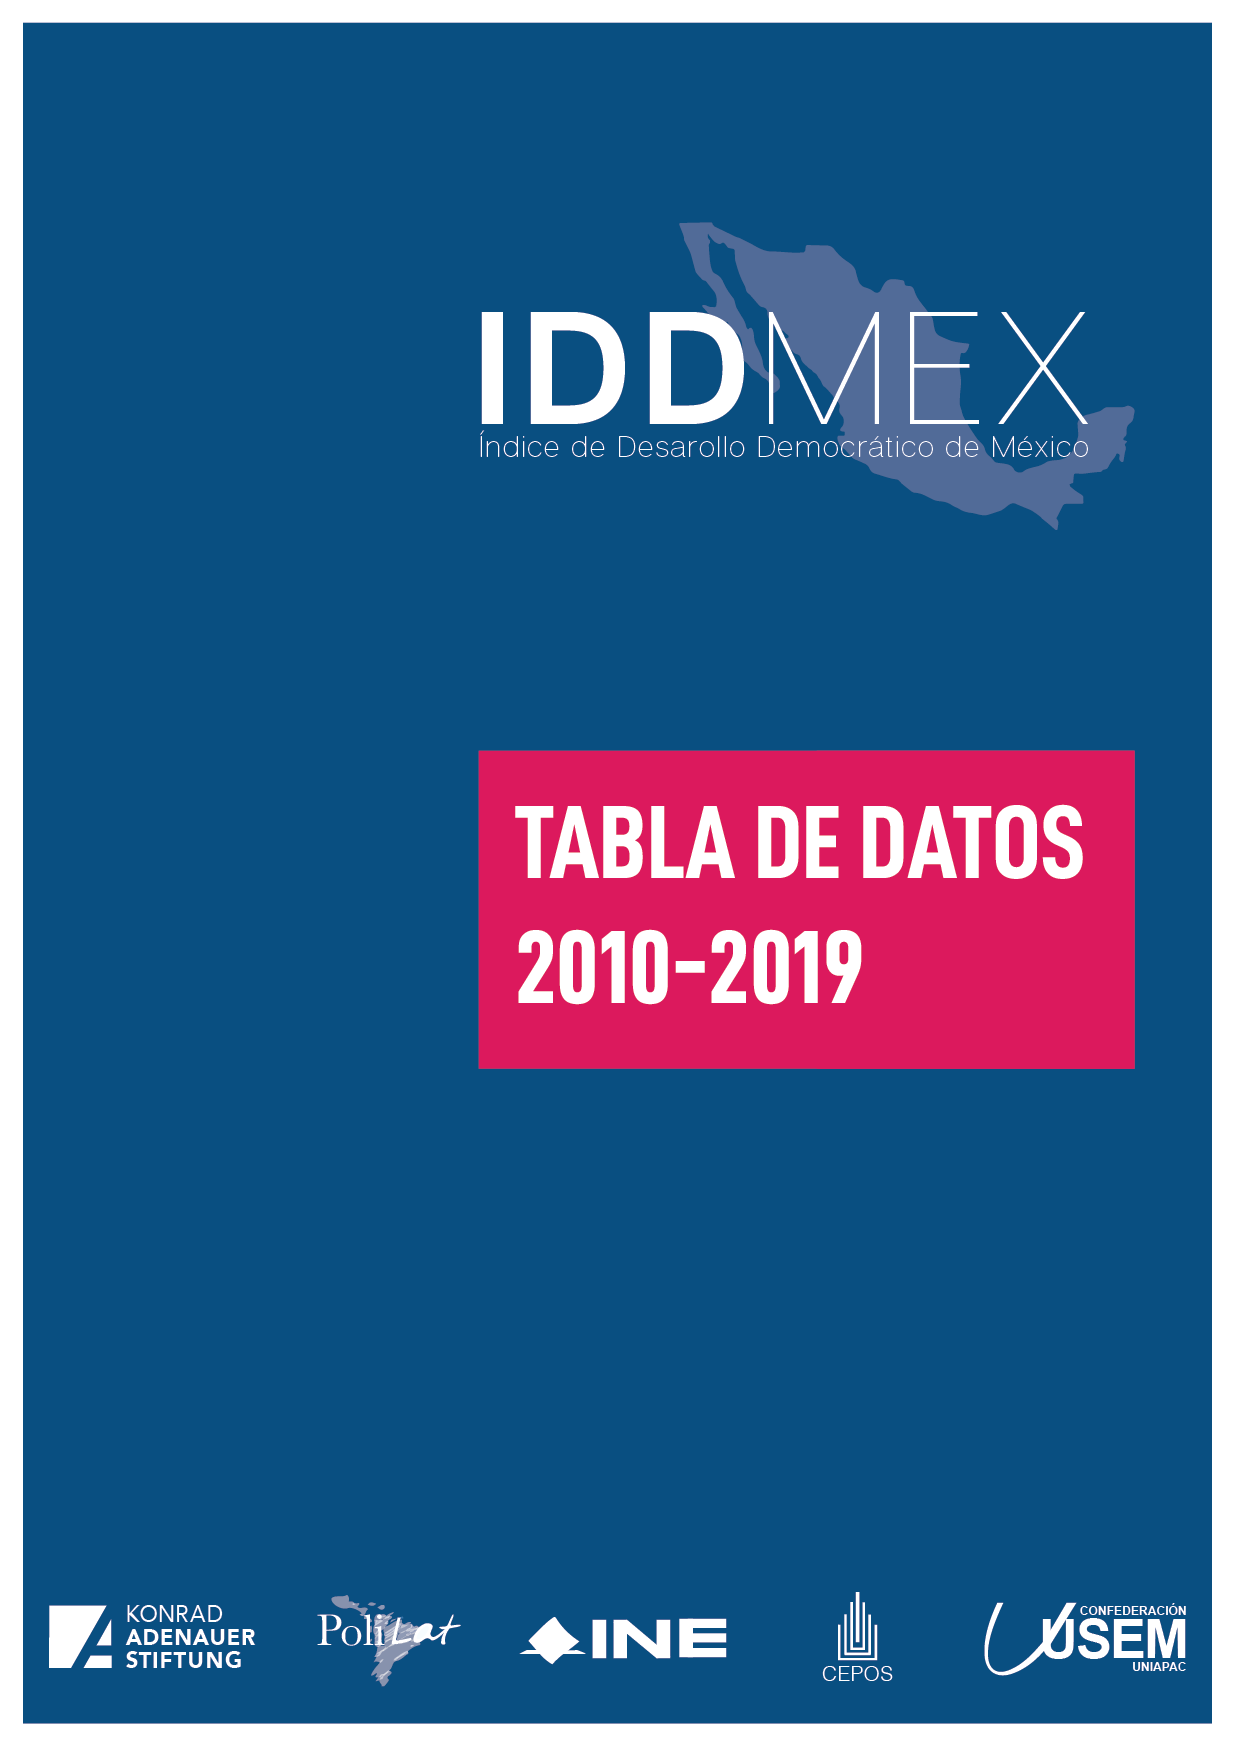 Descargar la Tabla de datos, 2010 - 2019